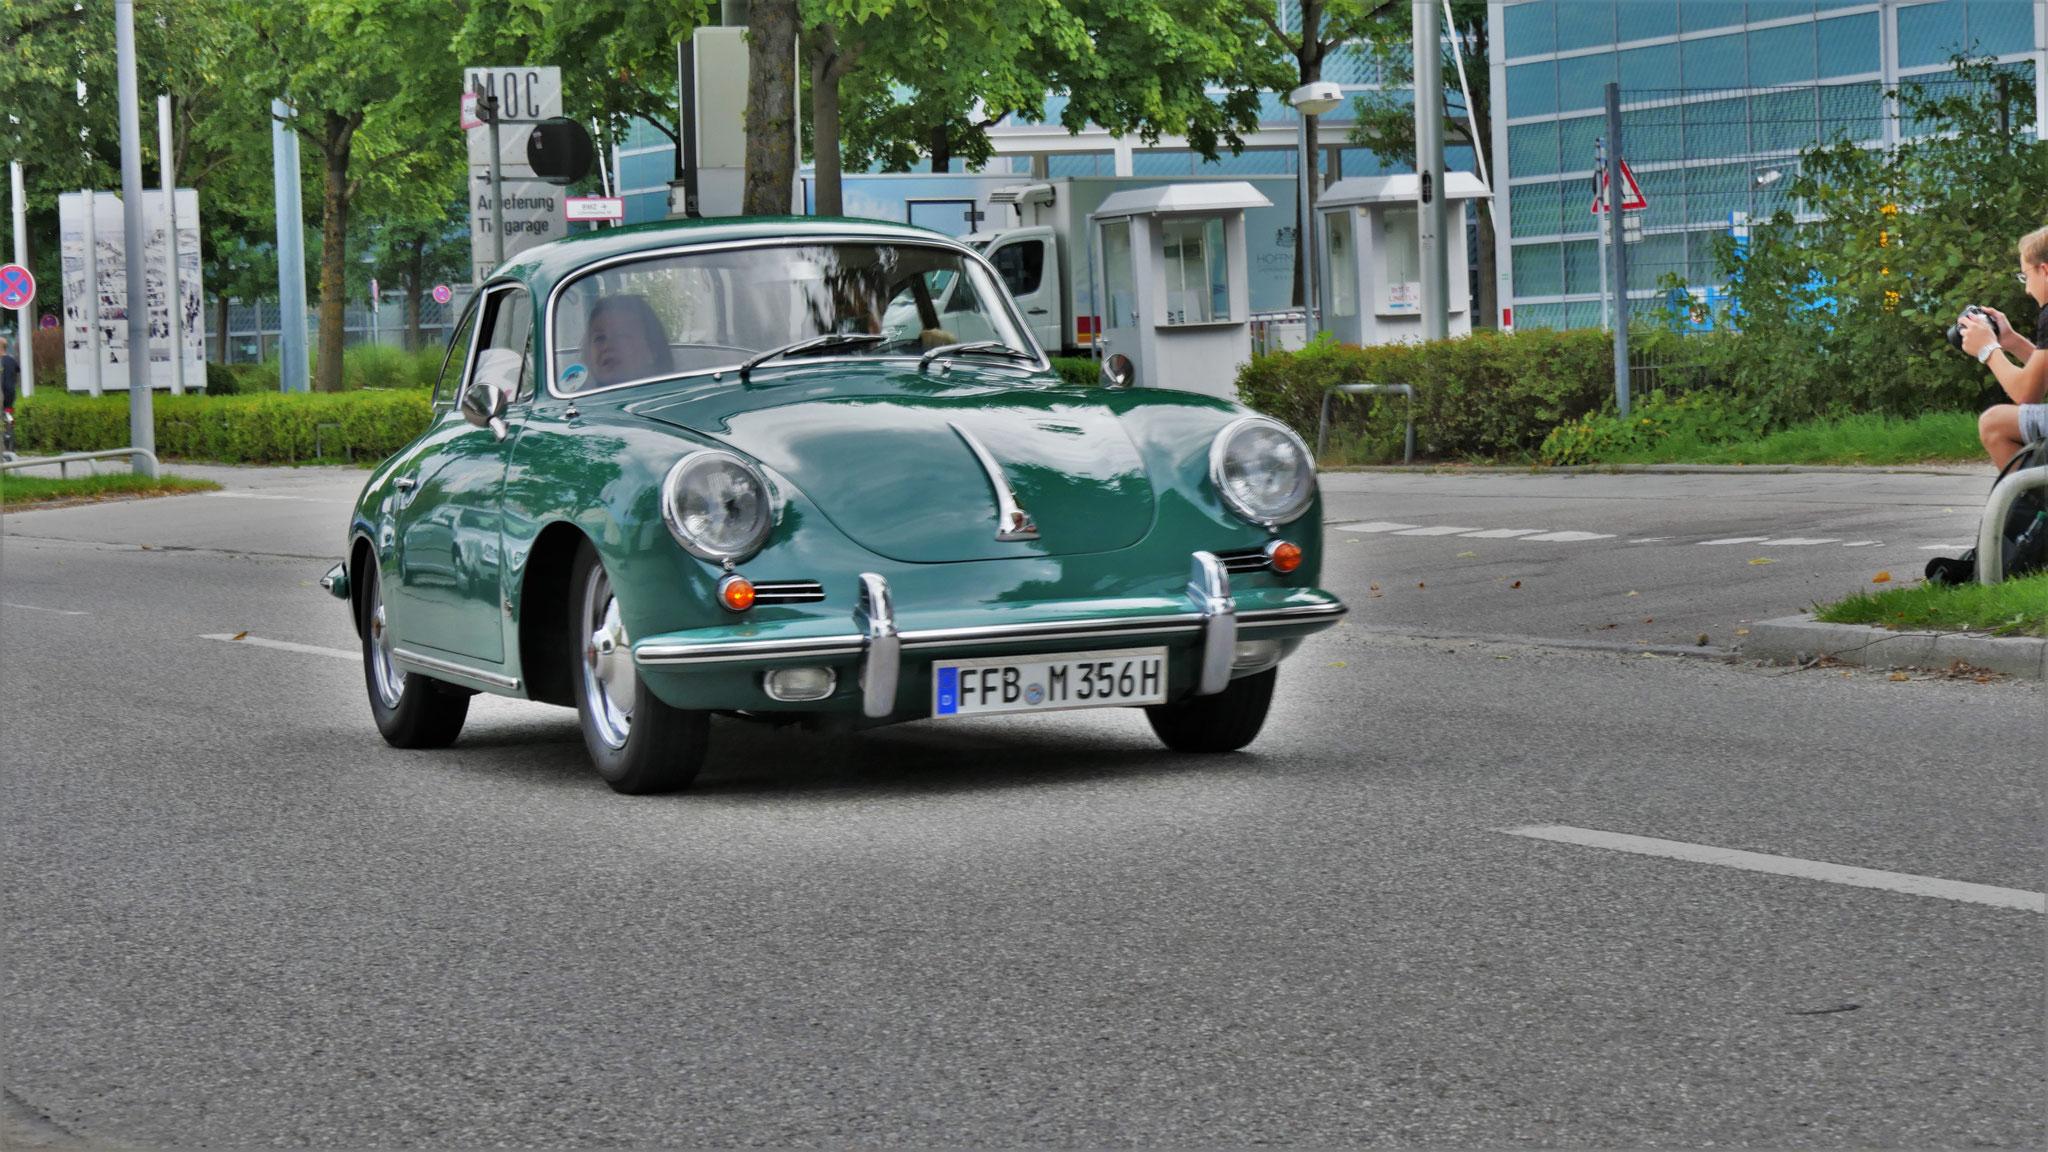 Porsche 356 1600S - FFB-M-356H